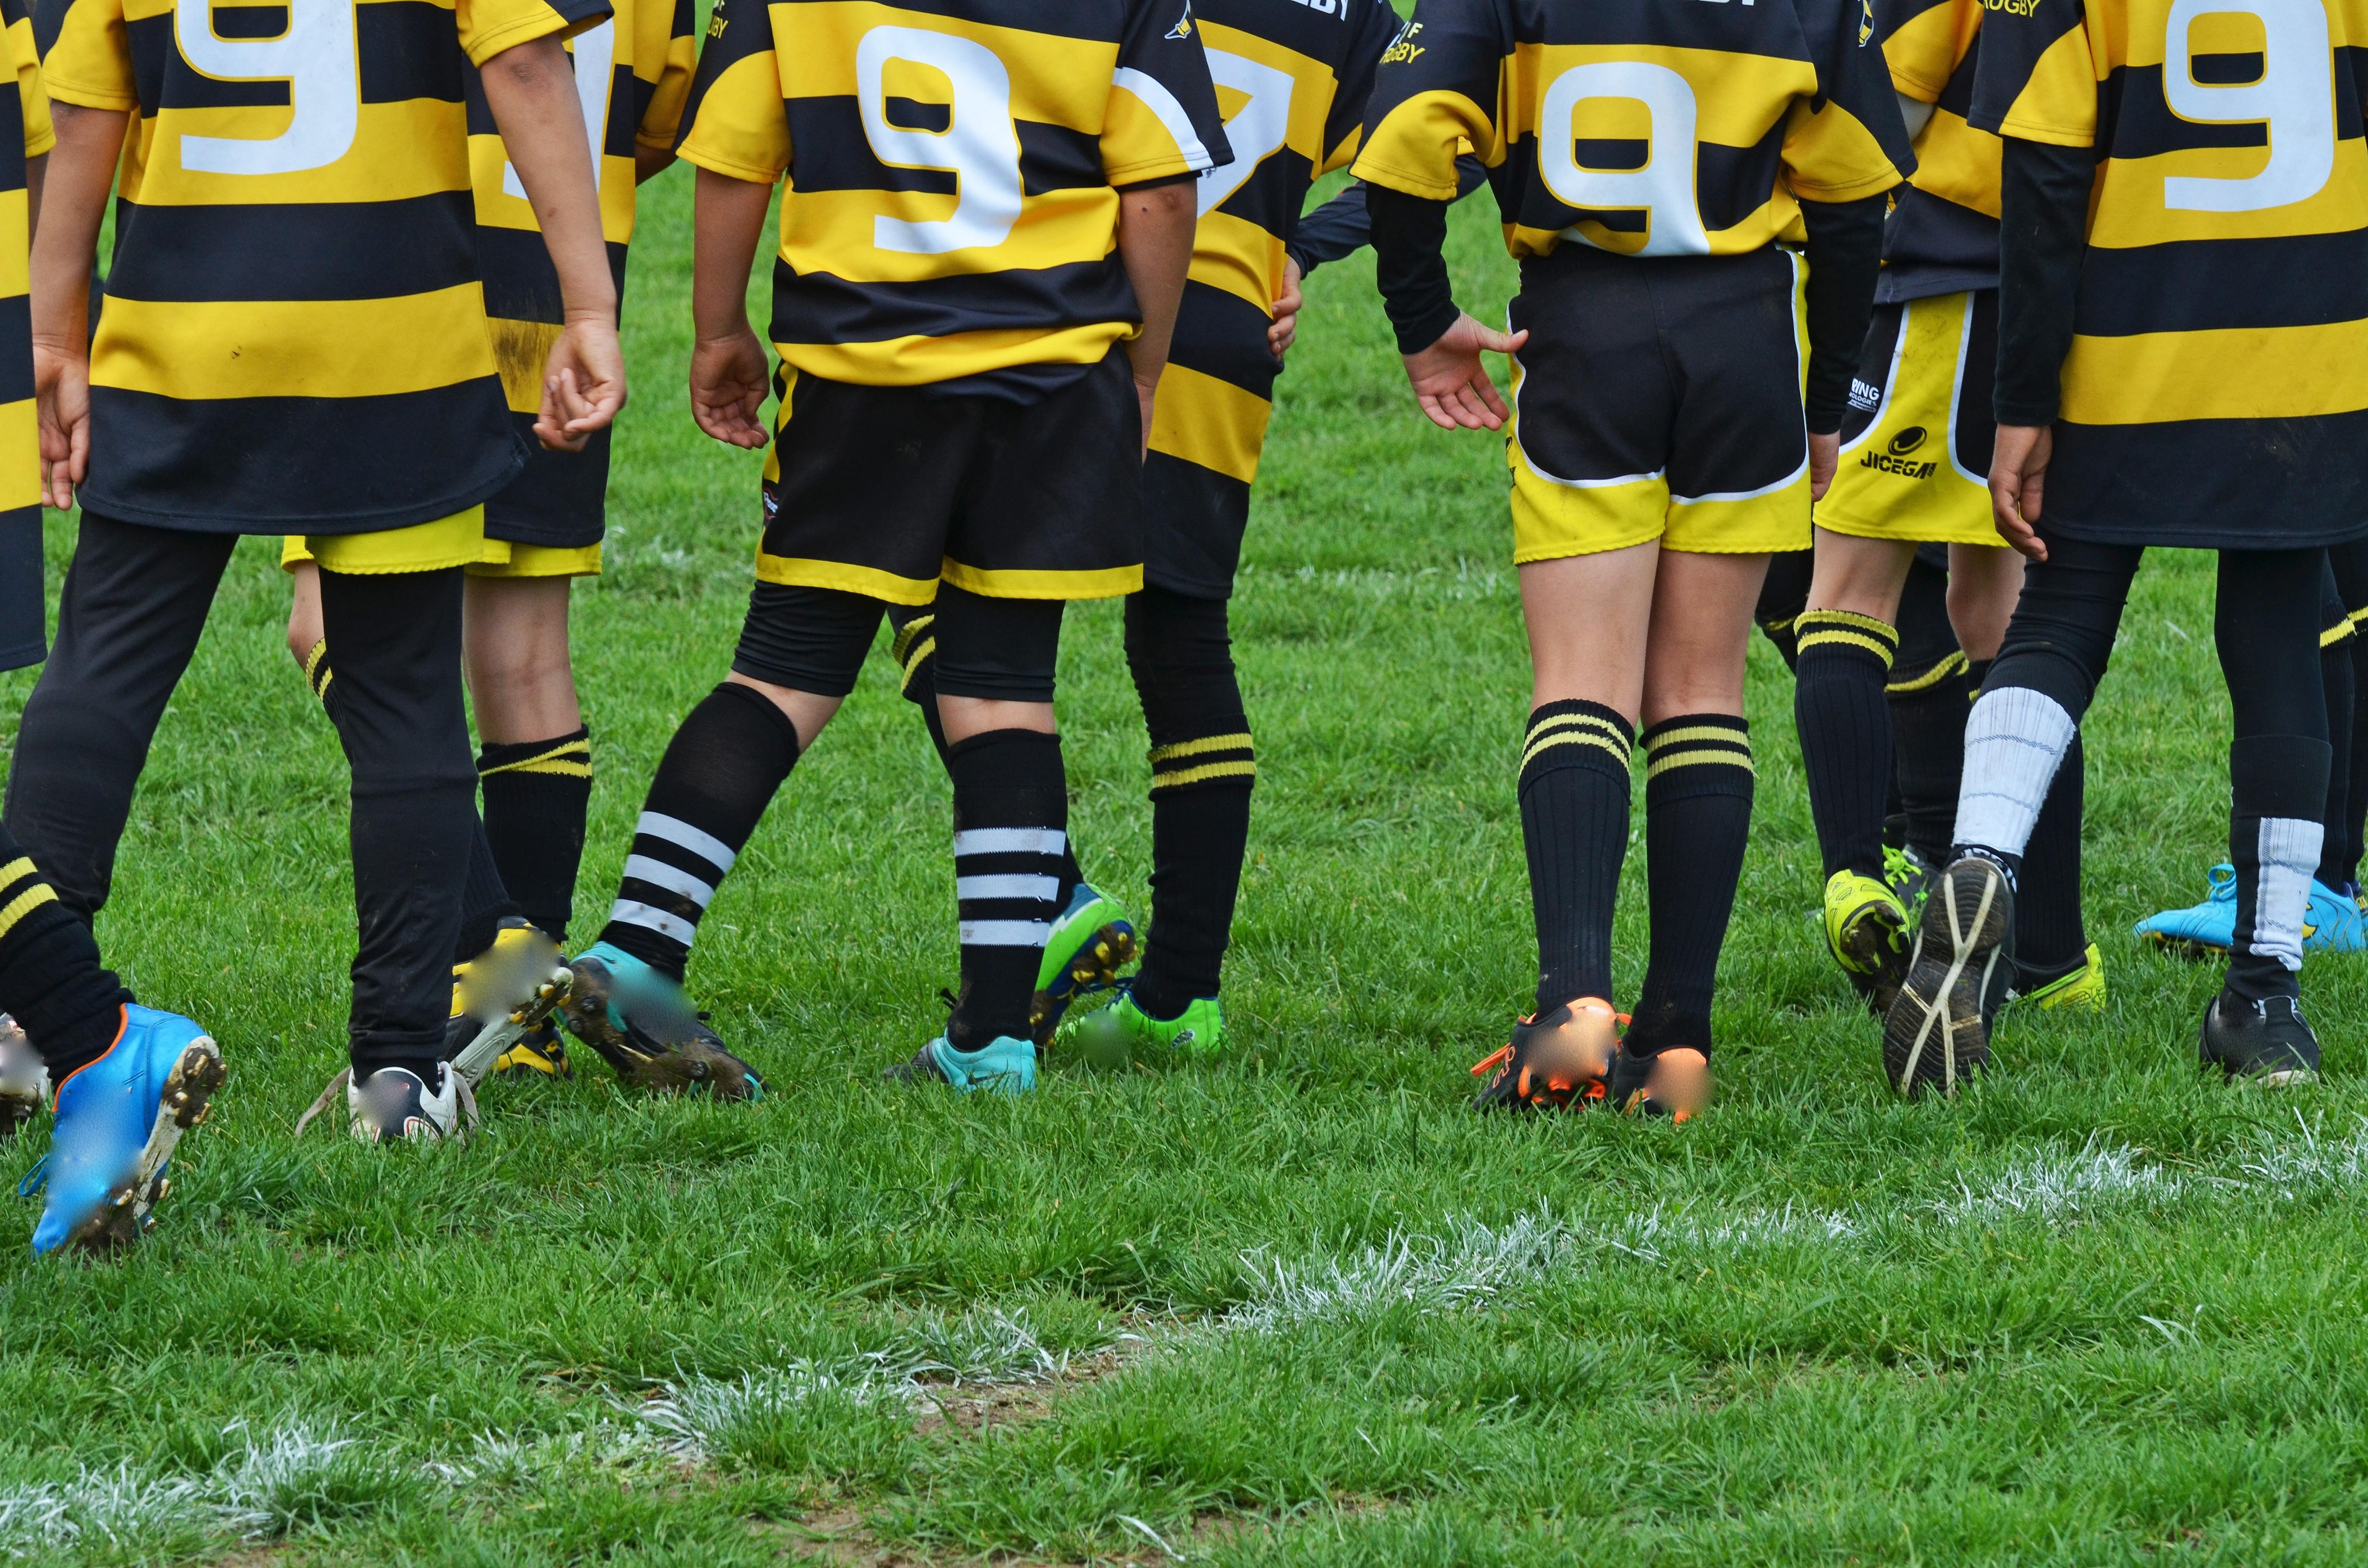 Comment bien s'équiper quand on débute au rugby ?